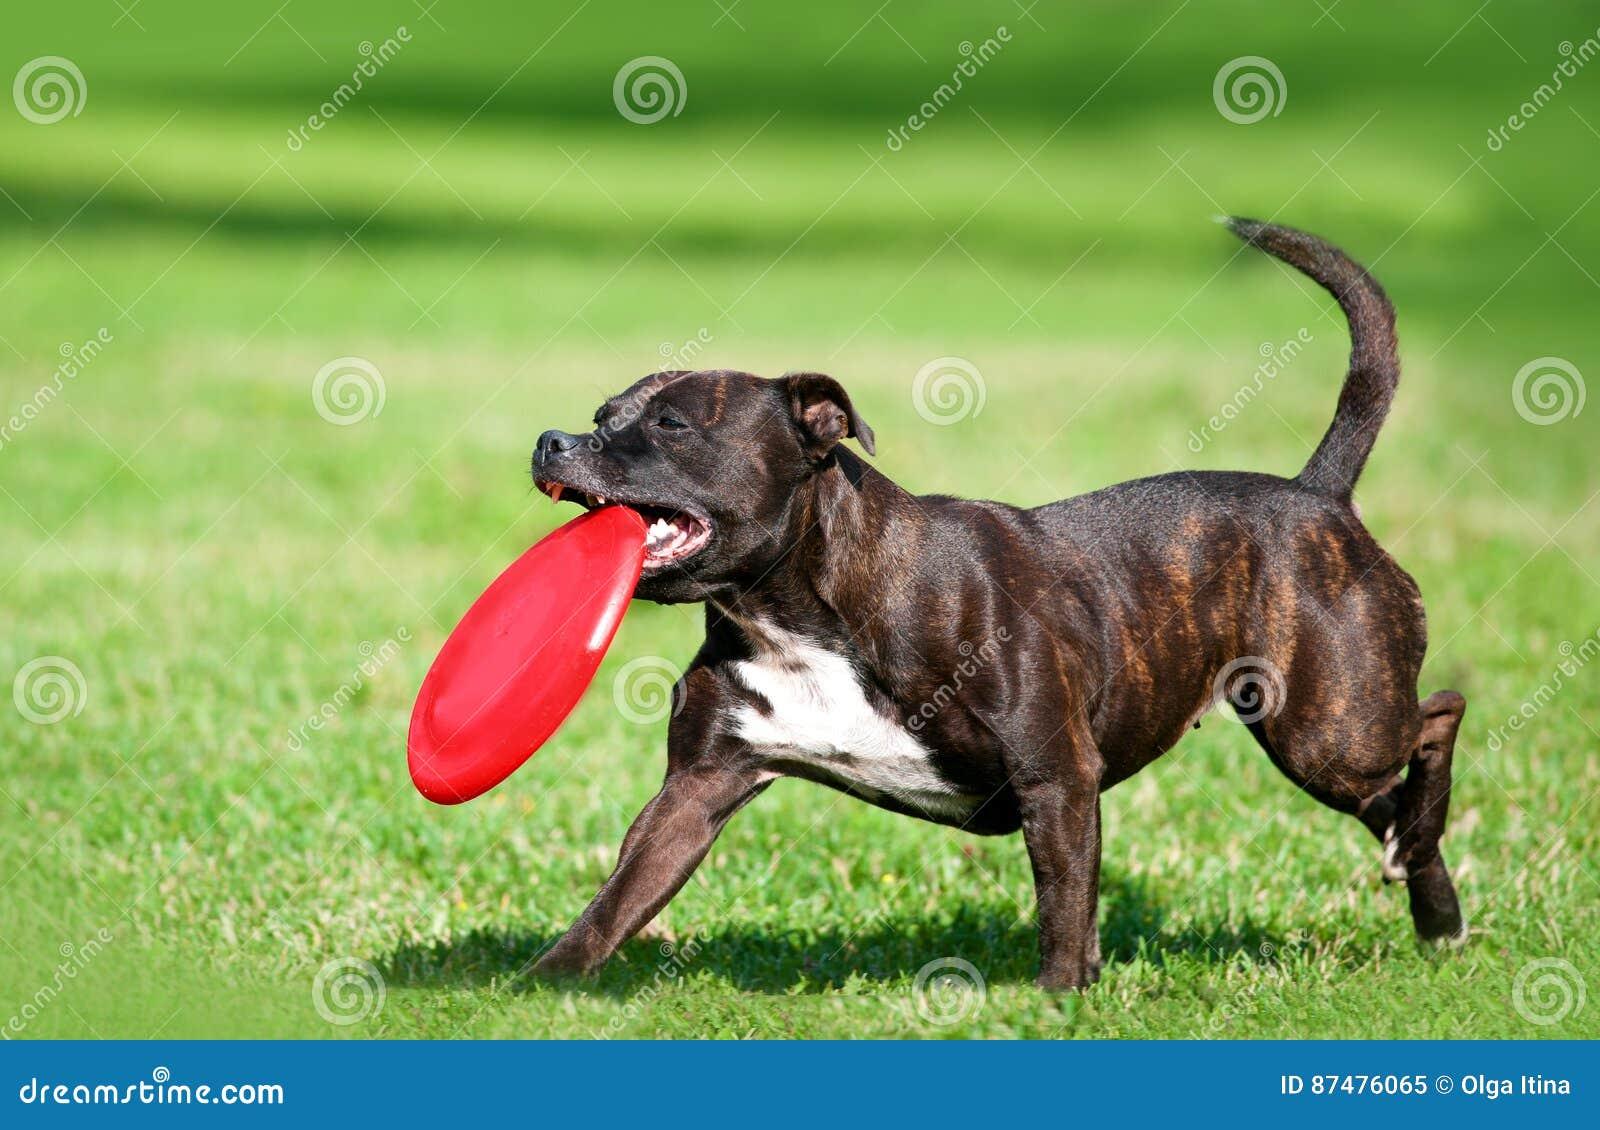 Pitbullterrier бежать через зеленый луг golding красный диск